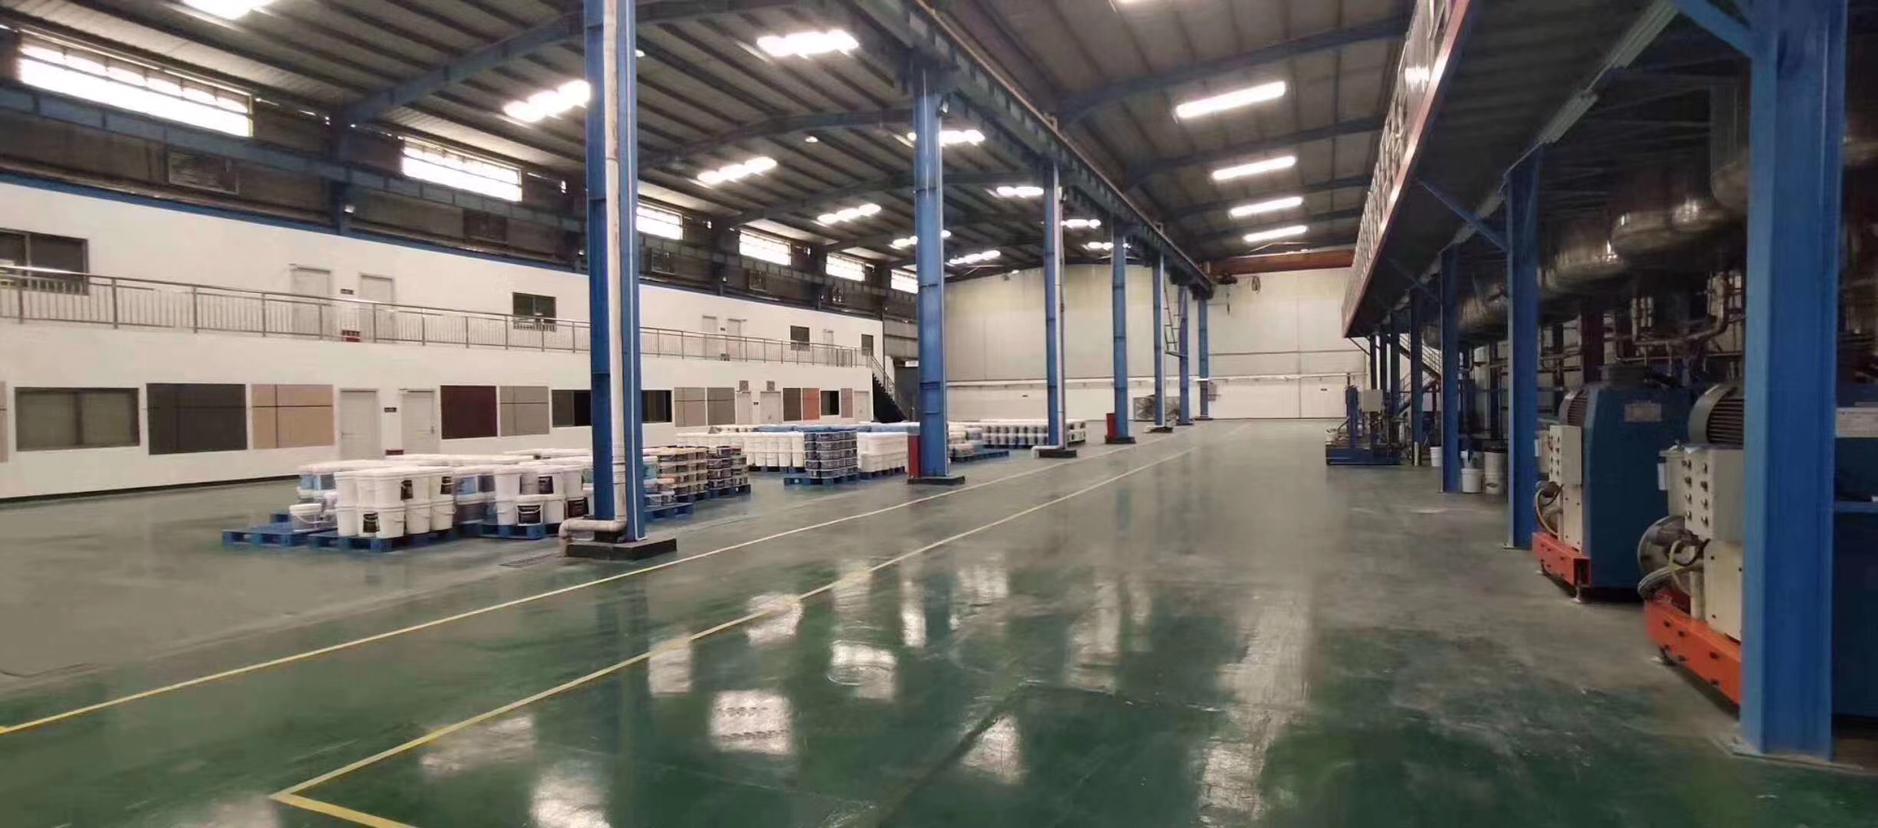 平湖新出一楼独院钢构厂房7000平业主直租可做物流仓库配送等